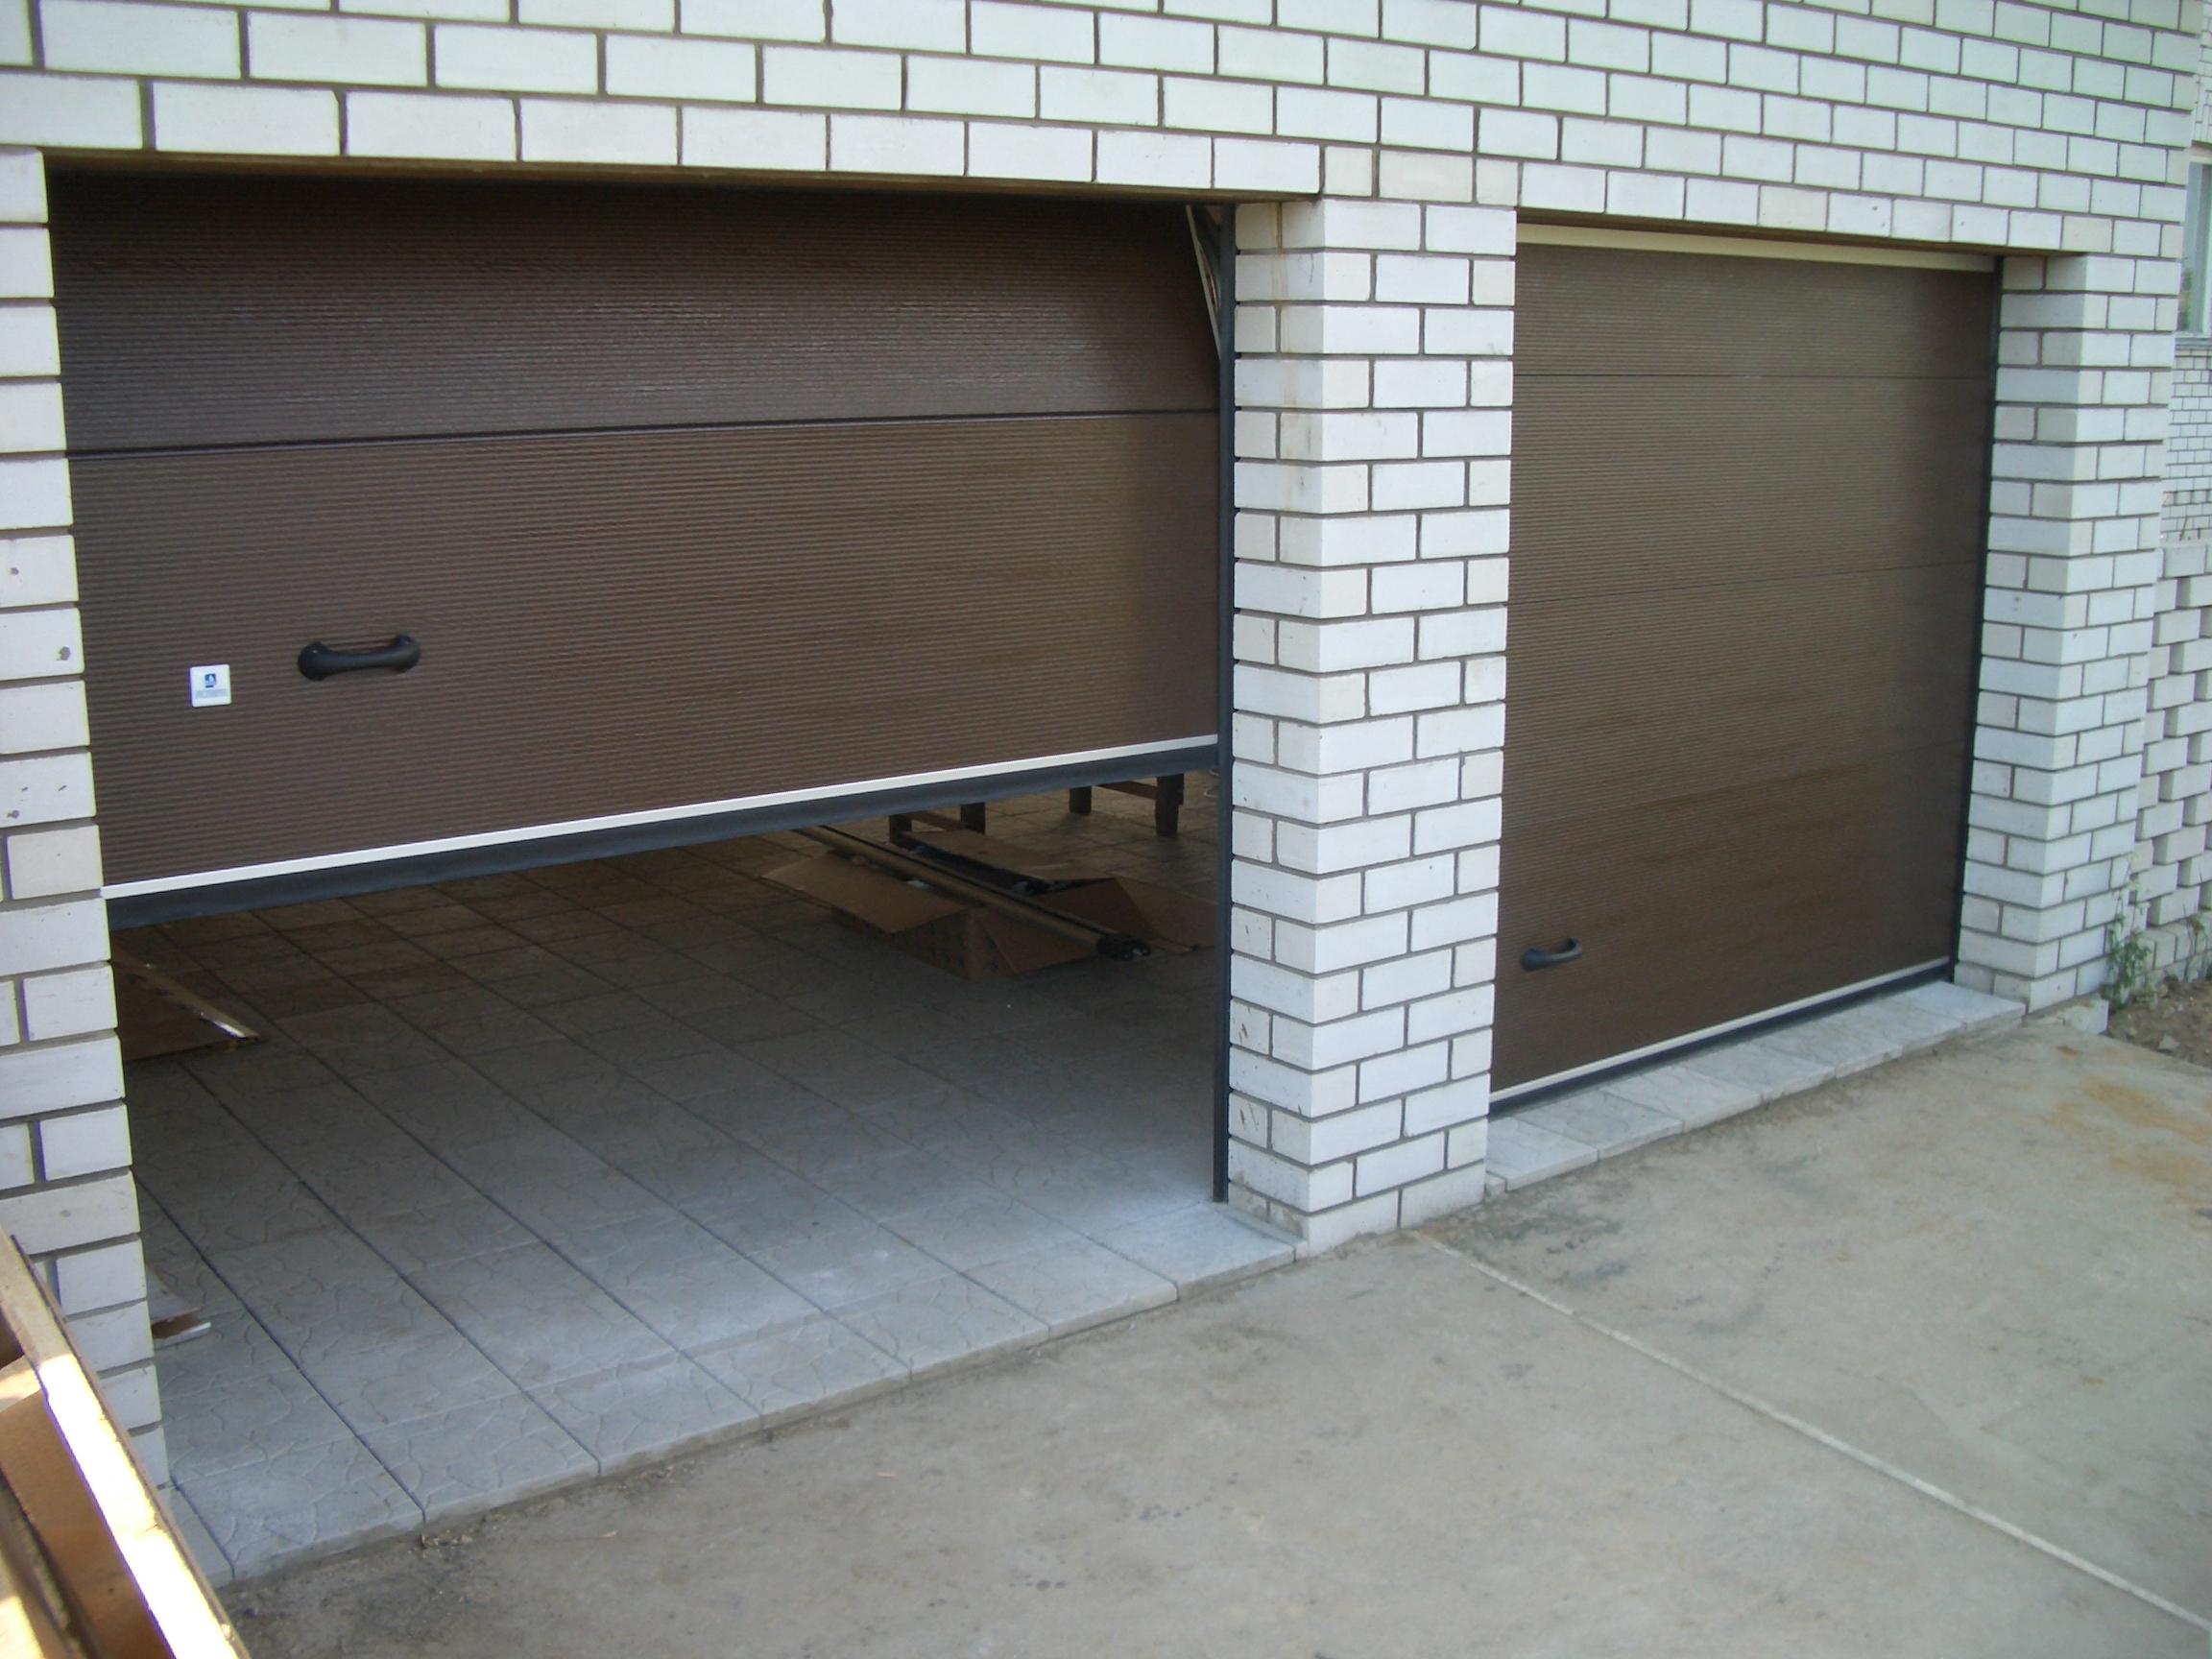 Купить секционные ворота для гаража недорого авито усолье сибирское куплю гараж